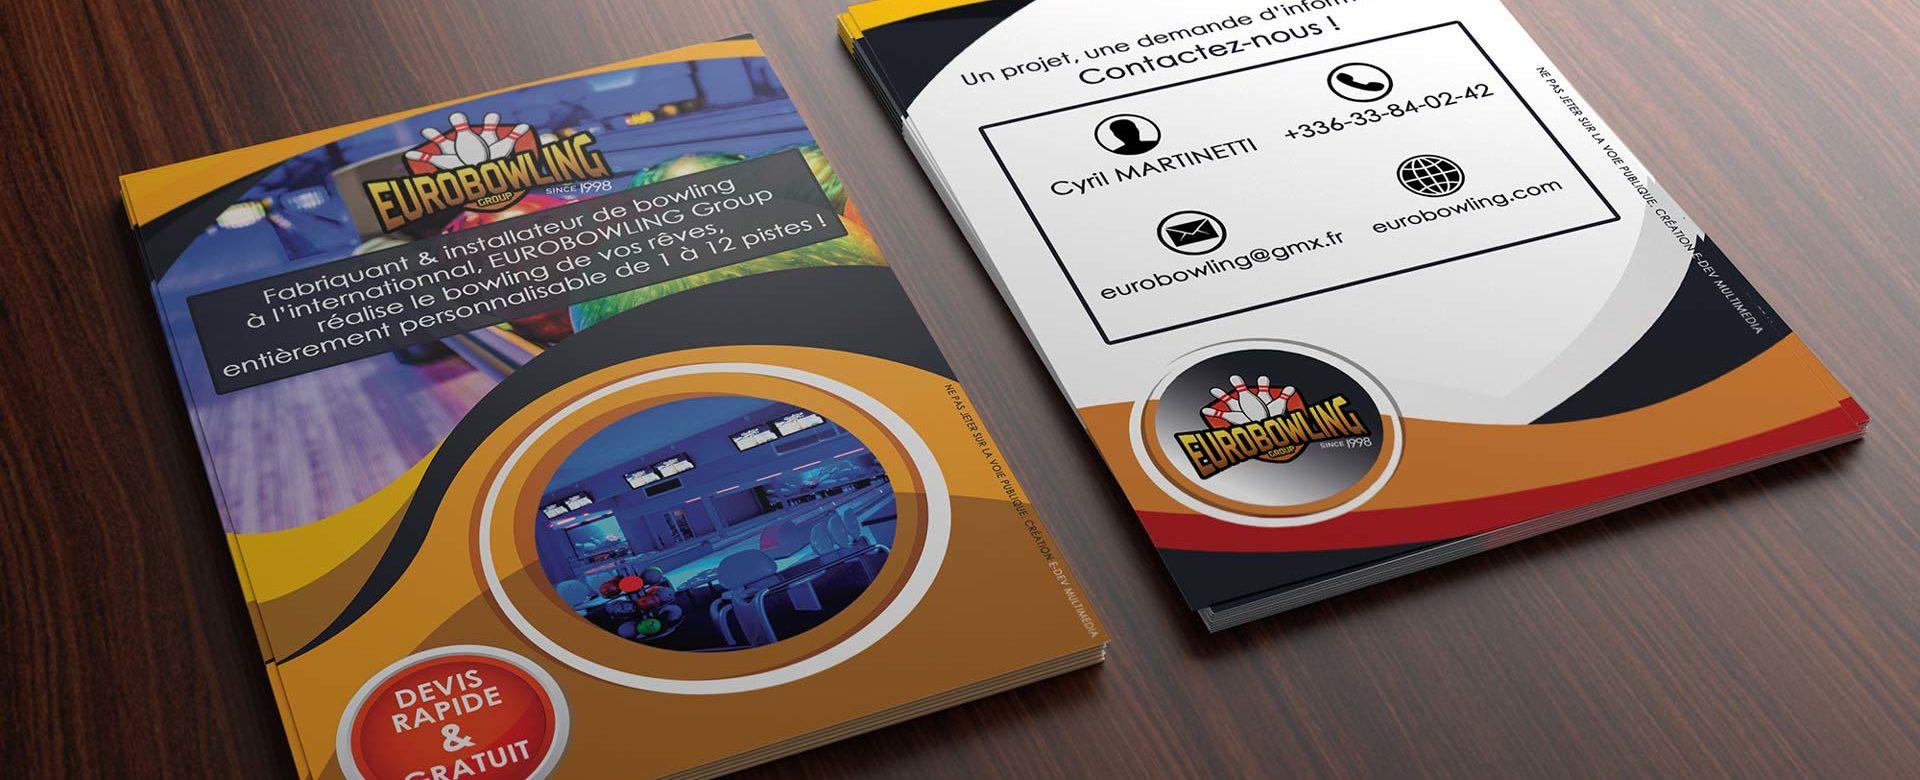 eurobowling-group-flyers-logo-corse